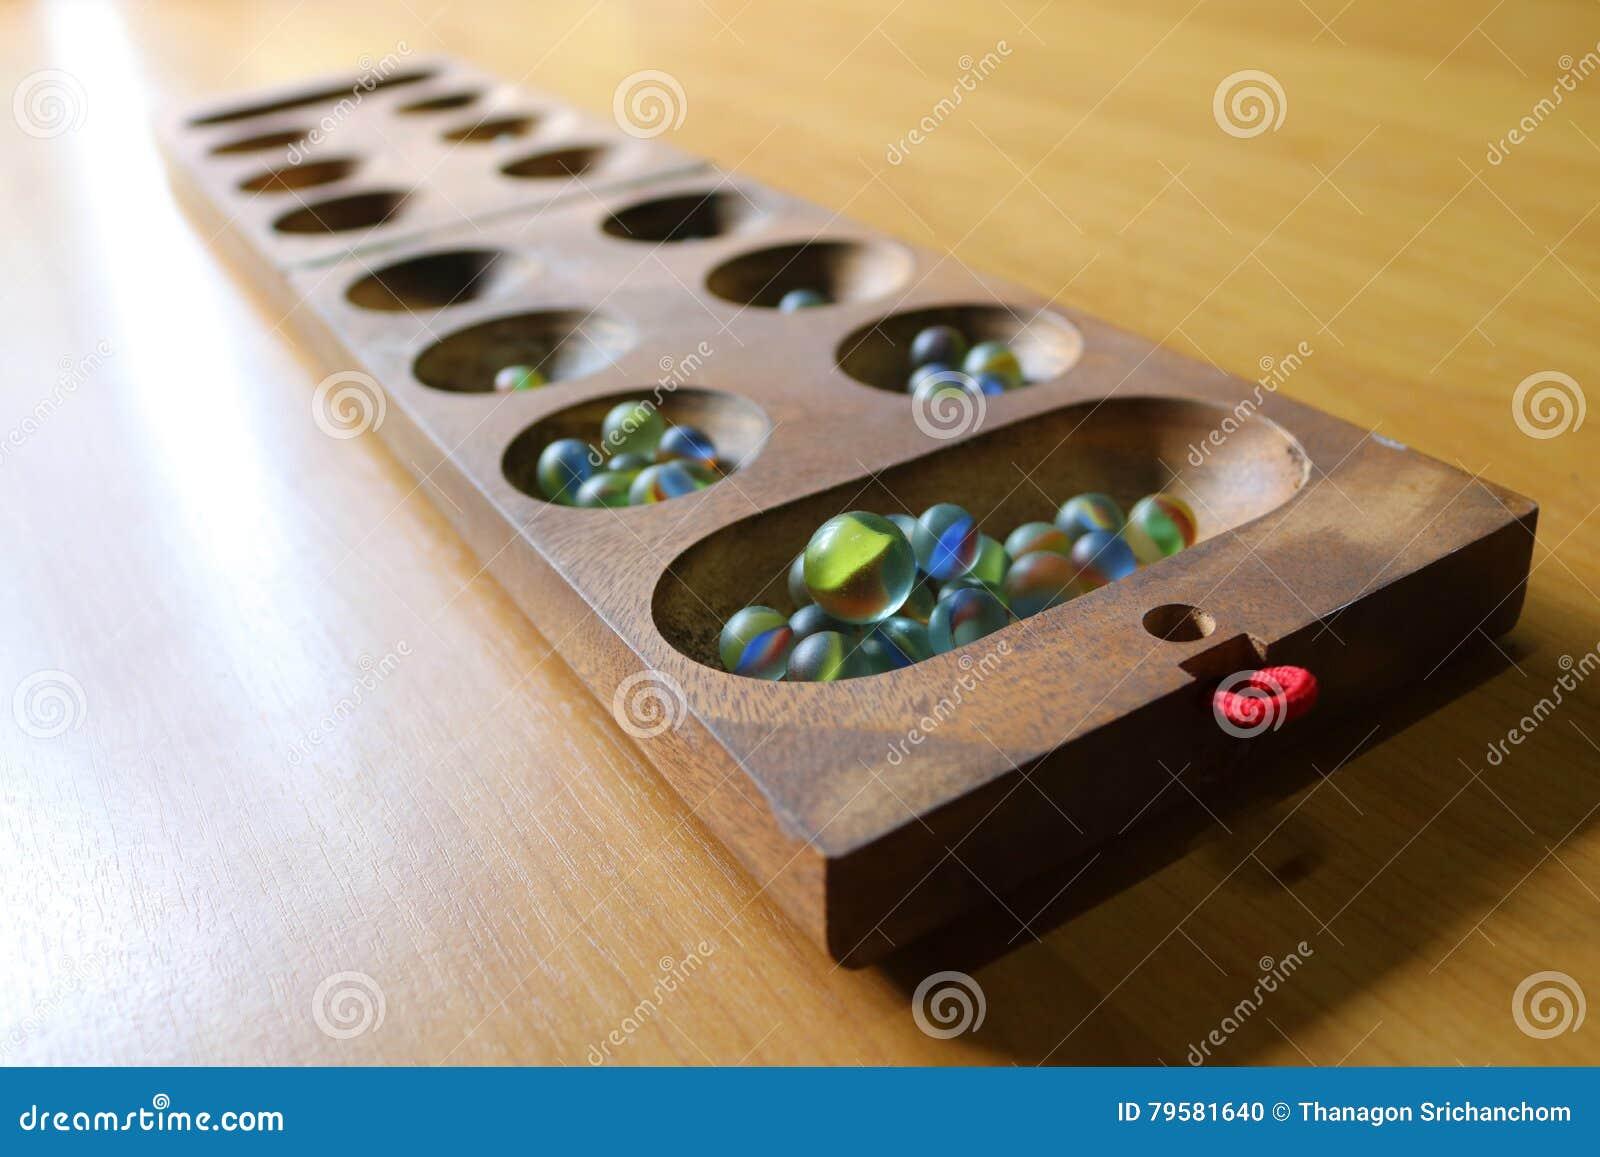 Glaskugel spielt auf dem Tisch